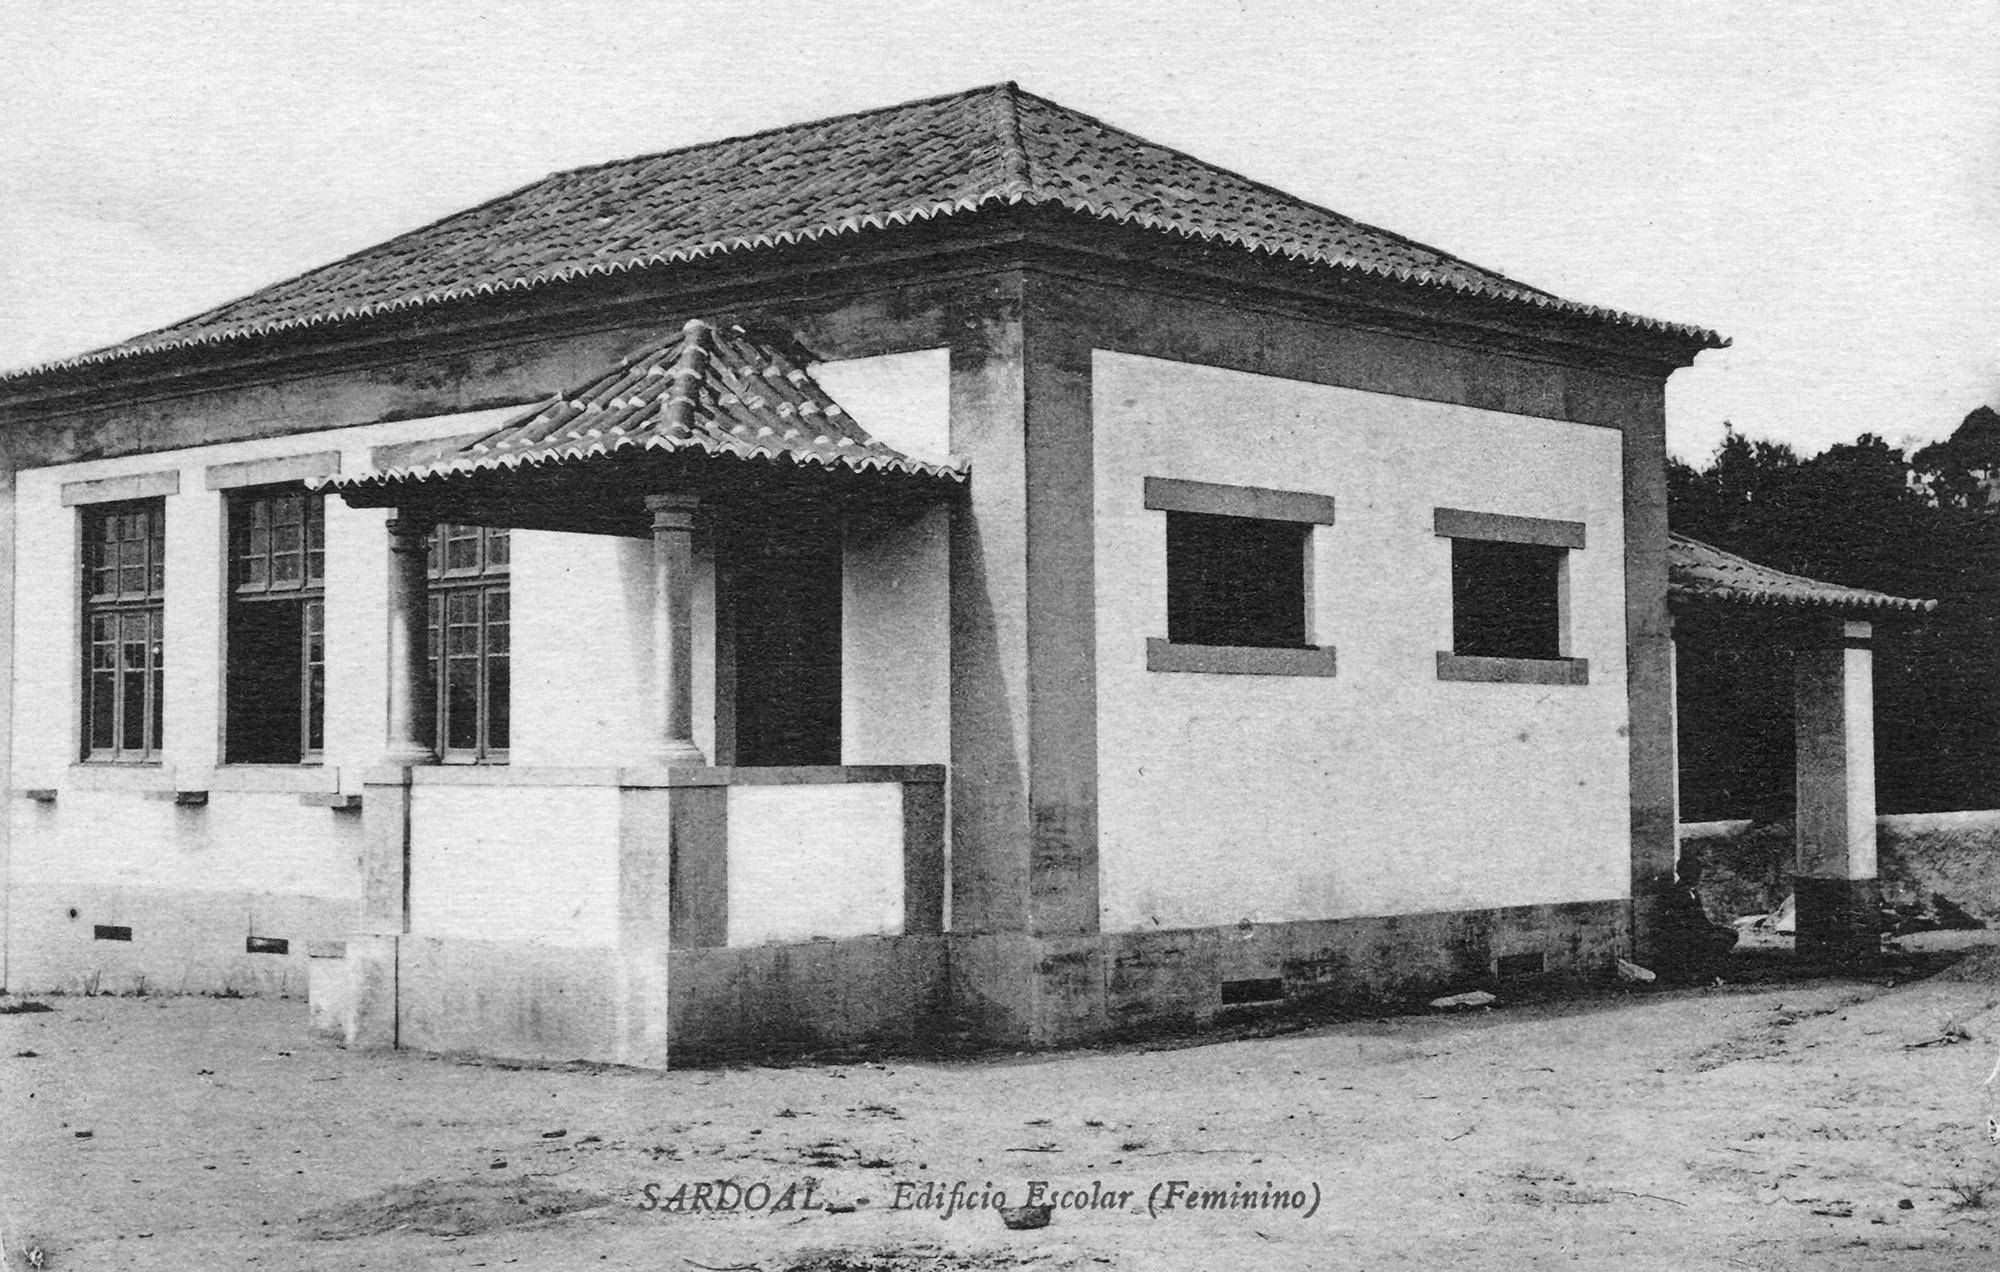 Apontamentos sobre a história da Instrução Primária no concelho de Sardoal - Memórias Sardoalenses